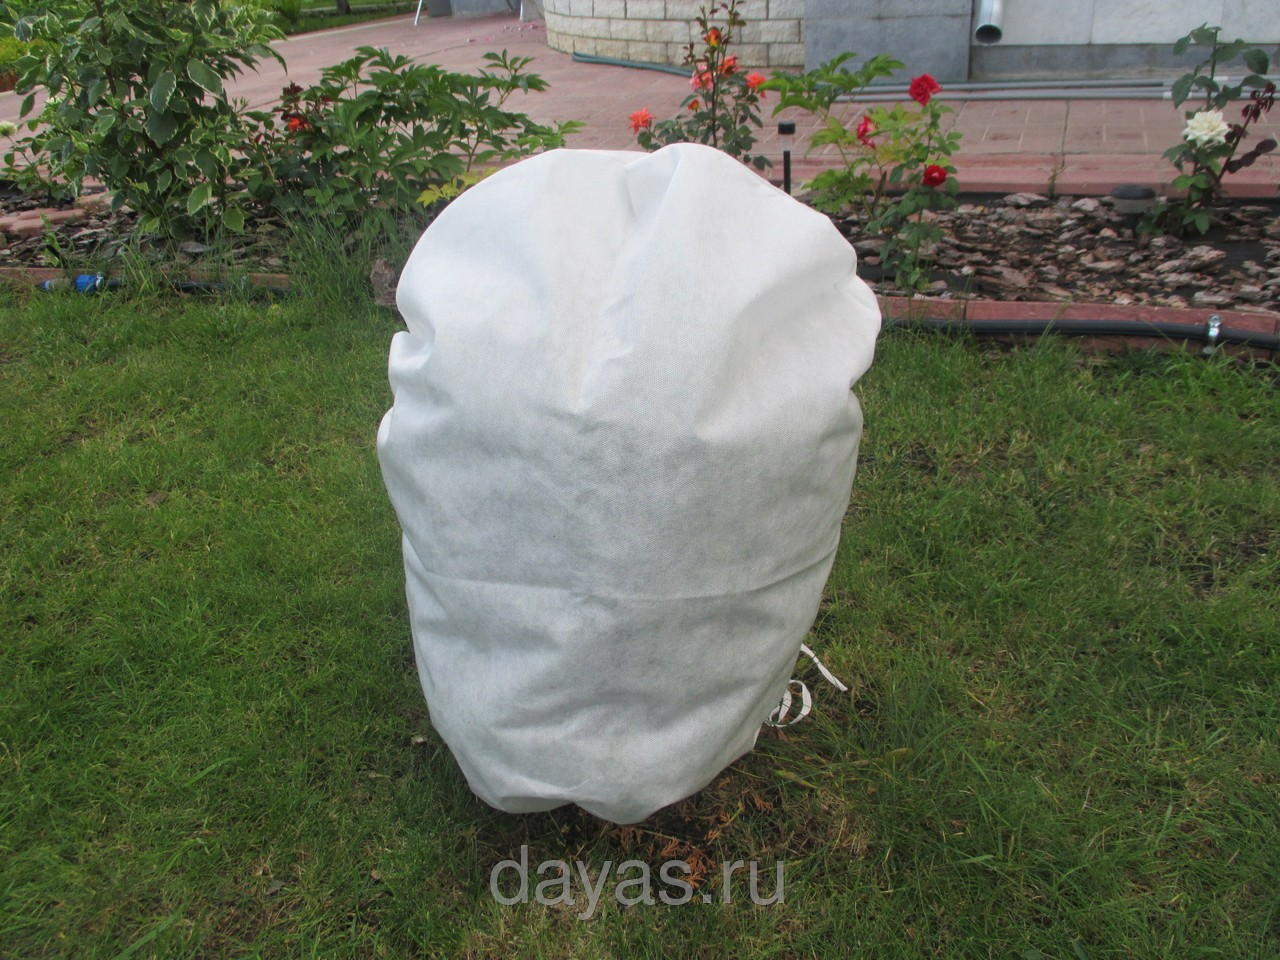 Сбор заказов. Скоро зима! Чехлы Даяс для укрытия растений! Садовое ограждение, парники, шланги и прочее